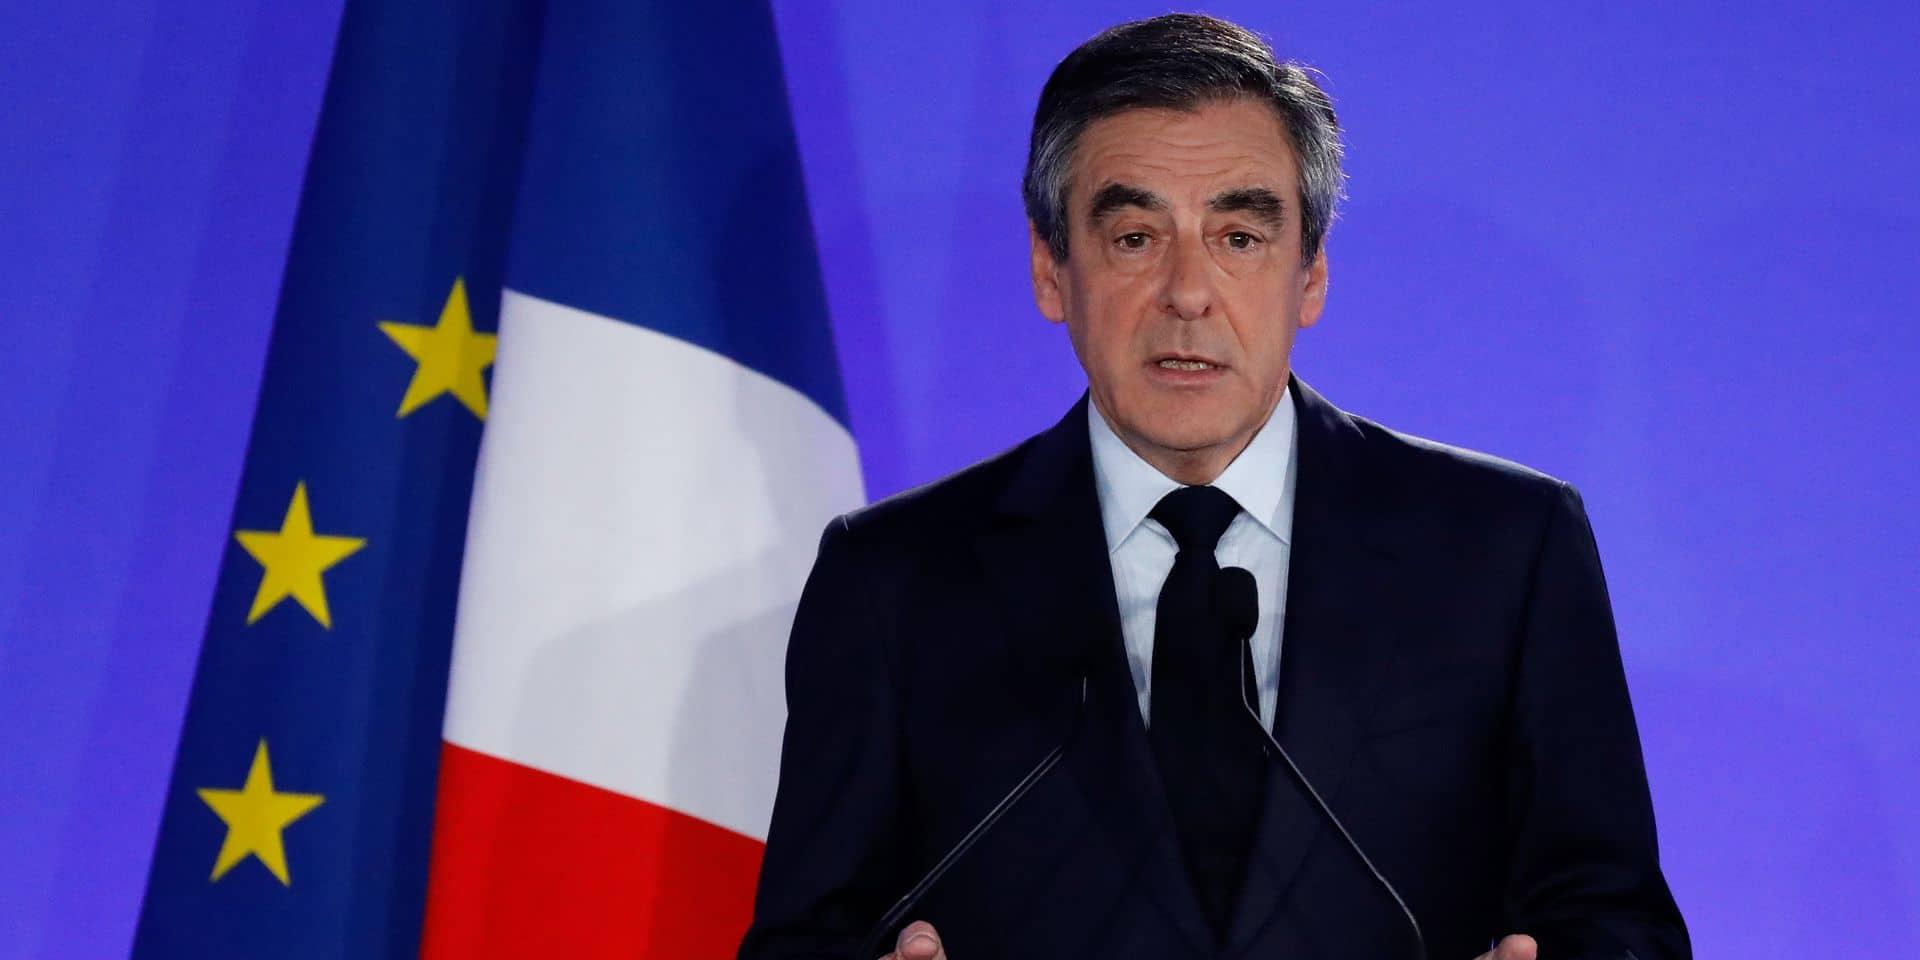 L'ex-Premier ministre français, François Fillon, de nouveau entendu par les juges